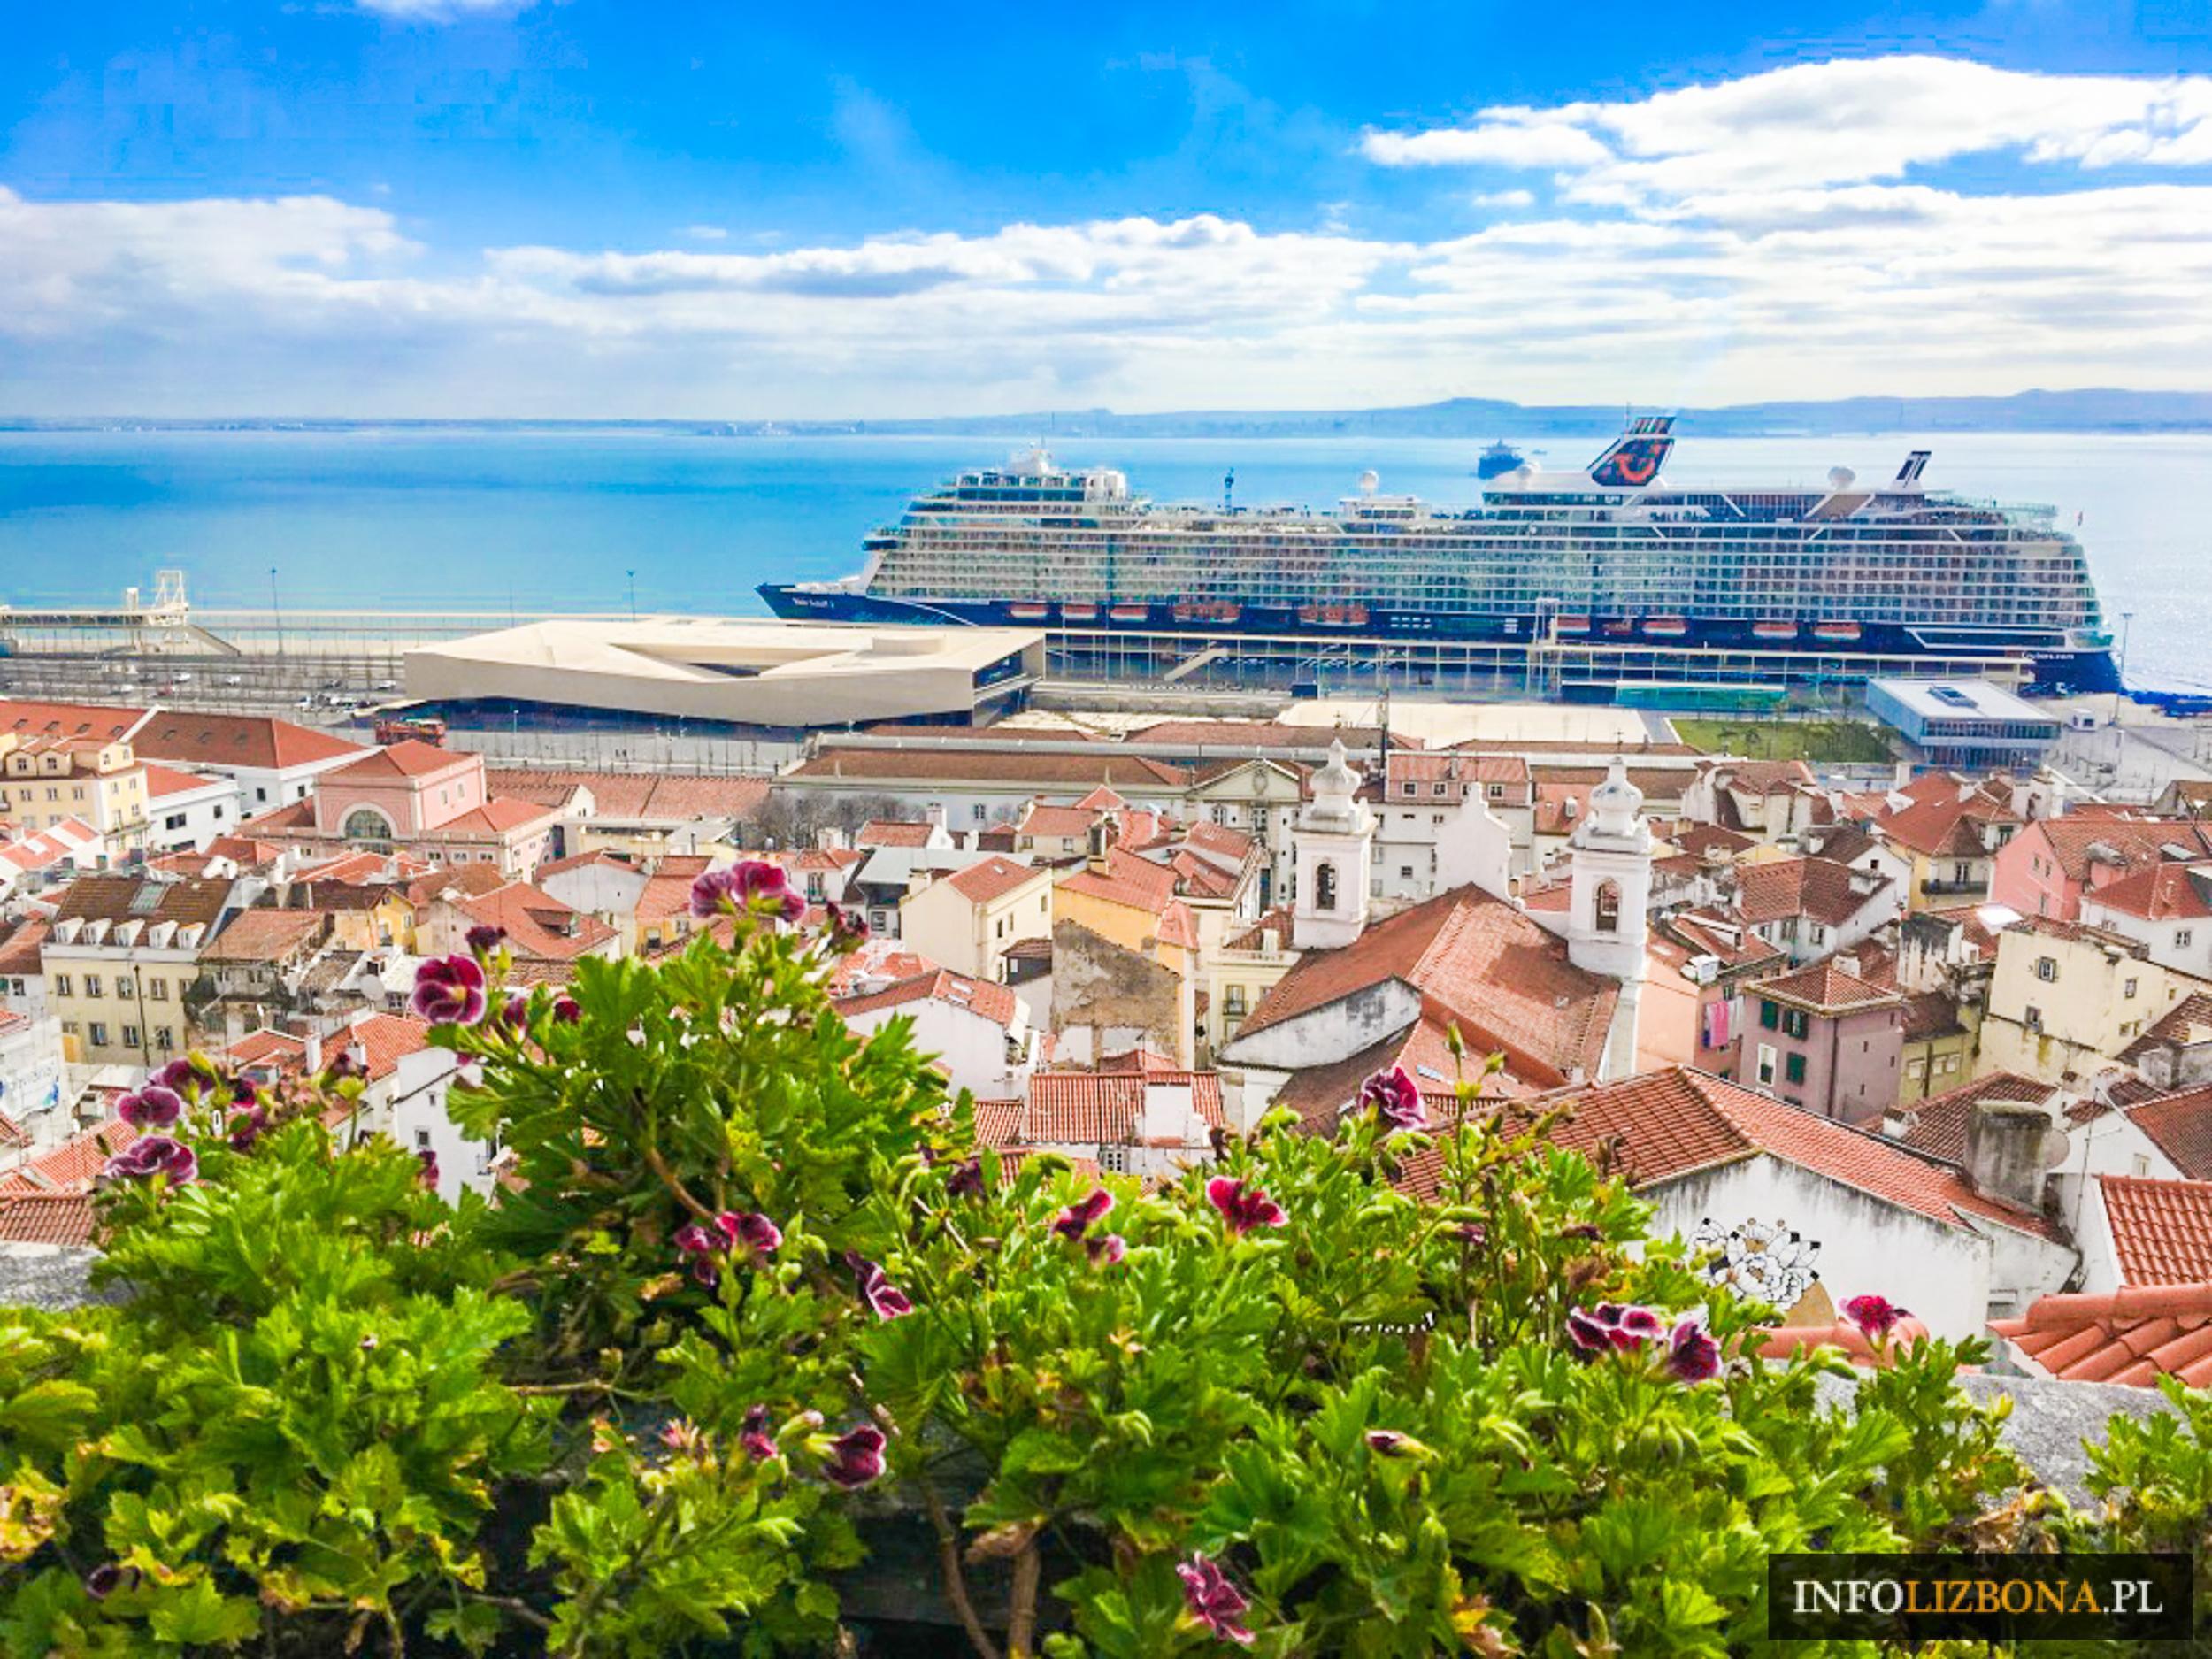 Safe Travels Portugalia 2020 Certyfikat Bezpieczeństwa Oznaczenia Znak Światowa Rada Podróży i Turystyki World Travel & Tourism Council Wakacje w Portugalii Lato 2020 Przewodnik